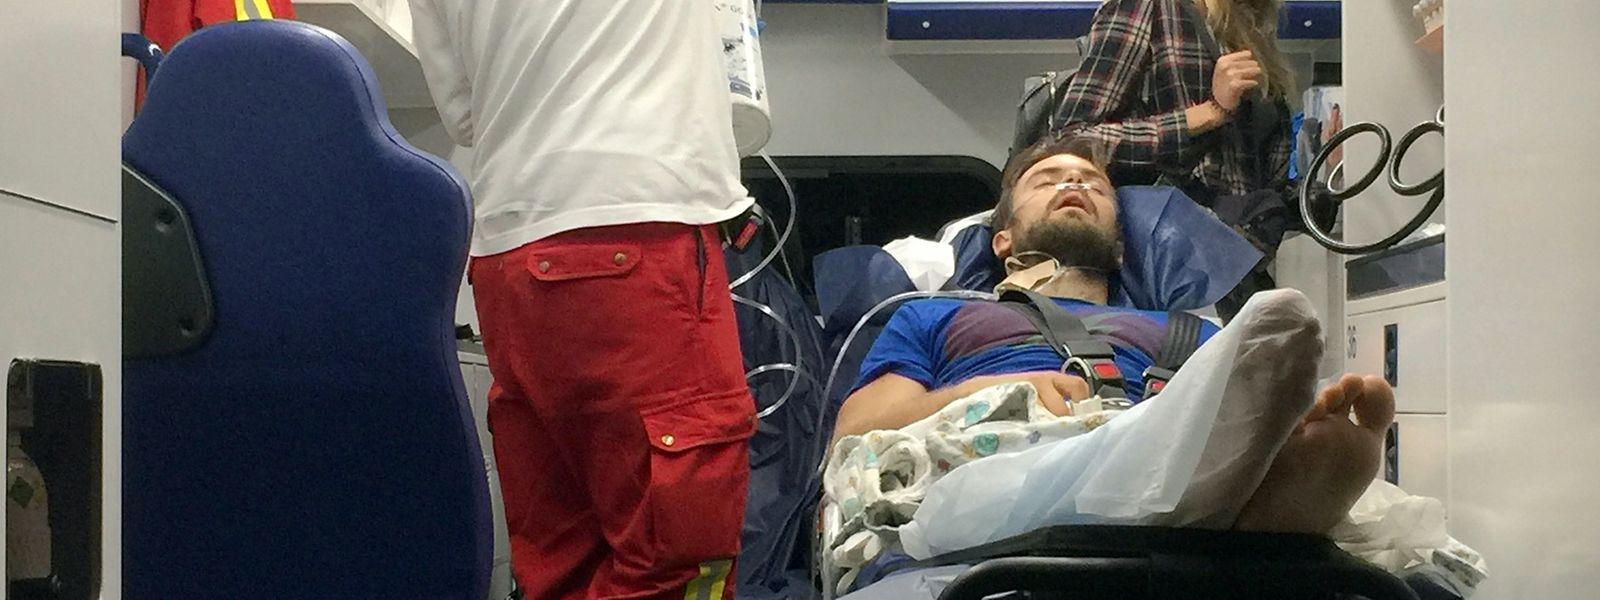 Der erkrankte Pjotr Wersilow, ein Mitglied der russischen Polit-Punkband Pussy Riot, kommt mit einem Ambulanzflug auf dem Flughafen Schönefeld an.